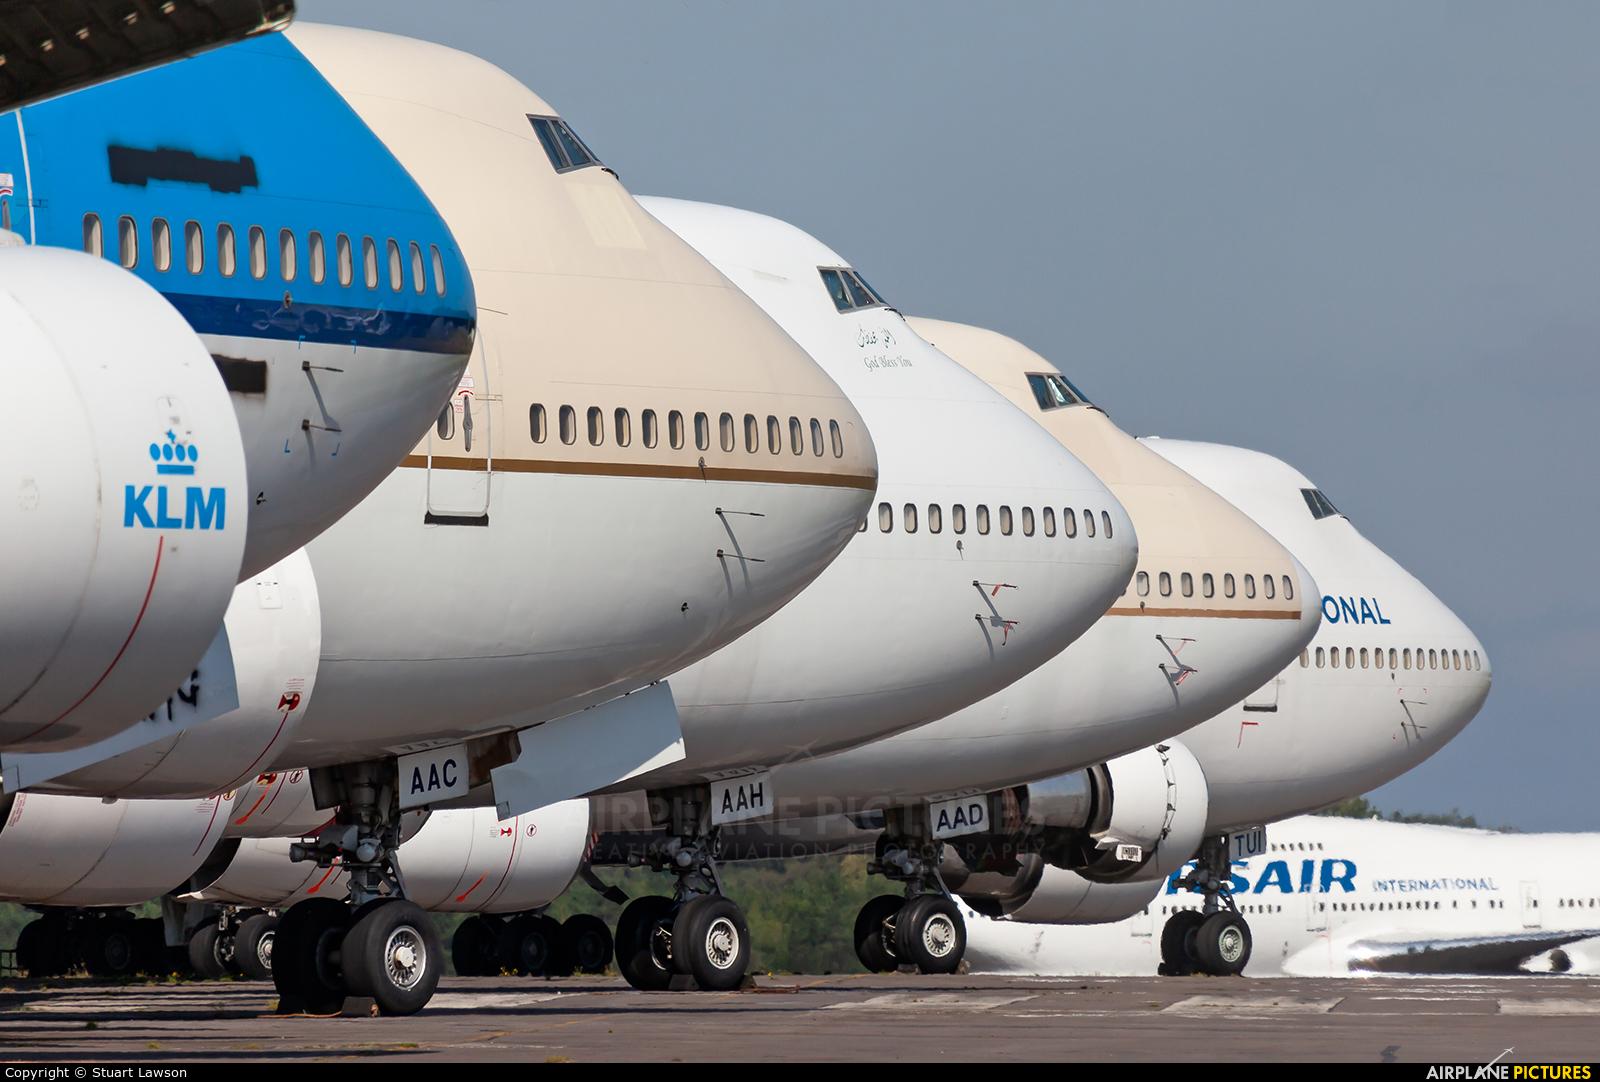 Saudi Arabian Airlines TF-AAC aircraft at Kemble